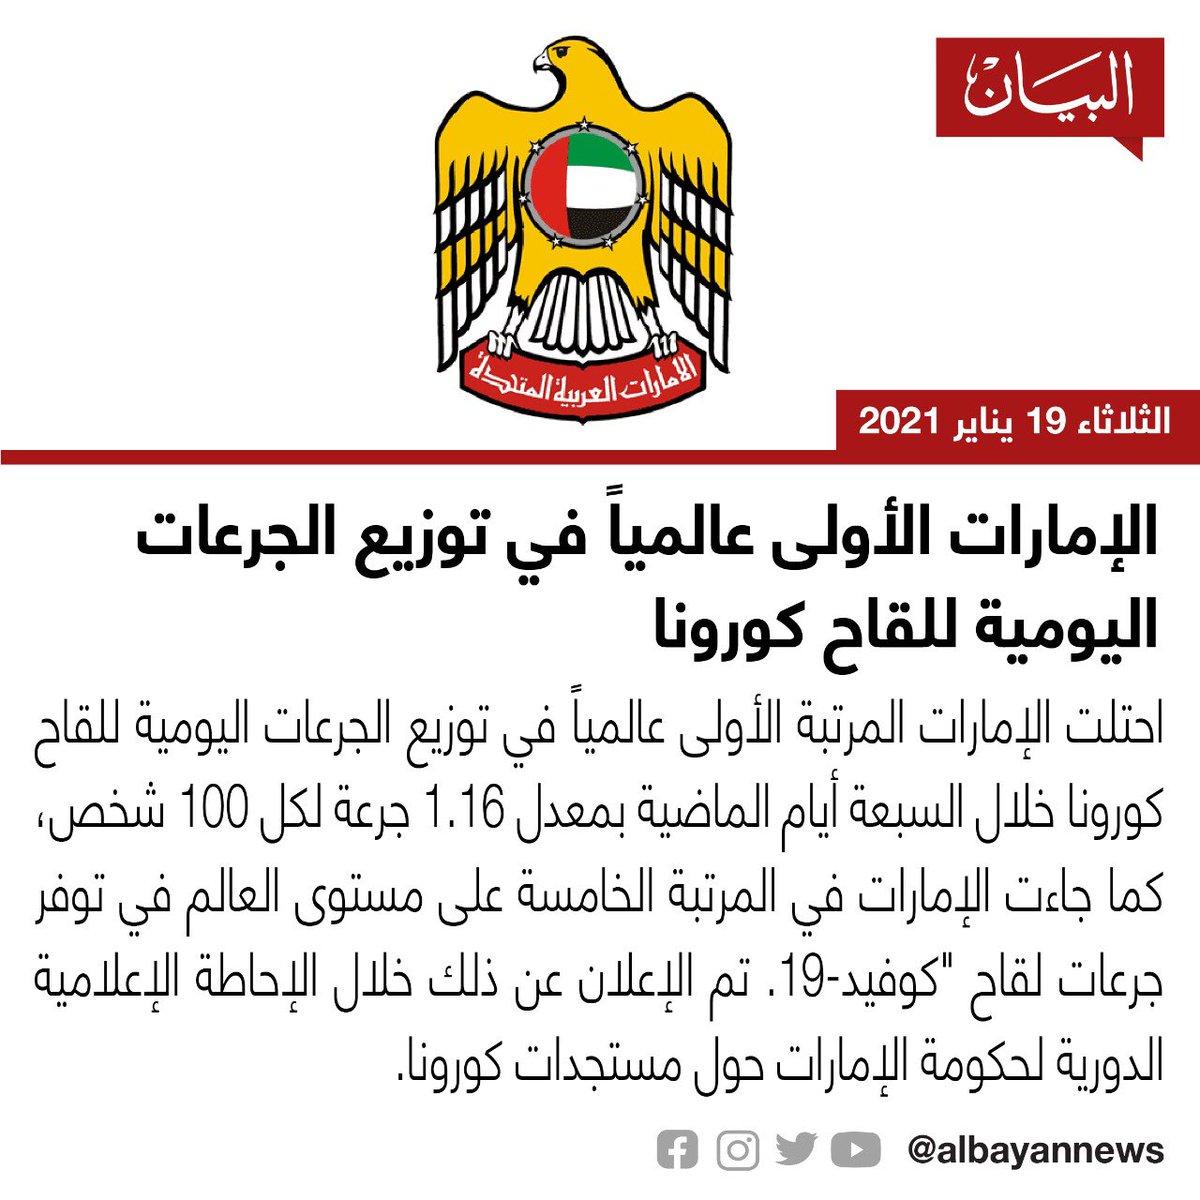 #الإمارات الأولى عالمياً في توزيع الجرعات اليومية للقاح #كورونا خلال 7 أيام     #البيان_القارئ_دائما